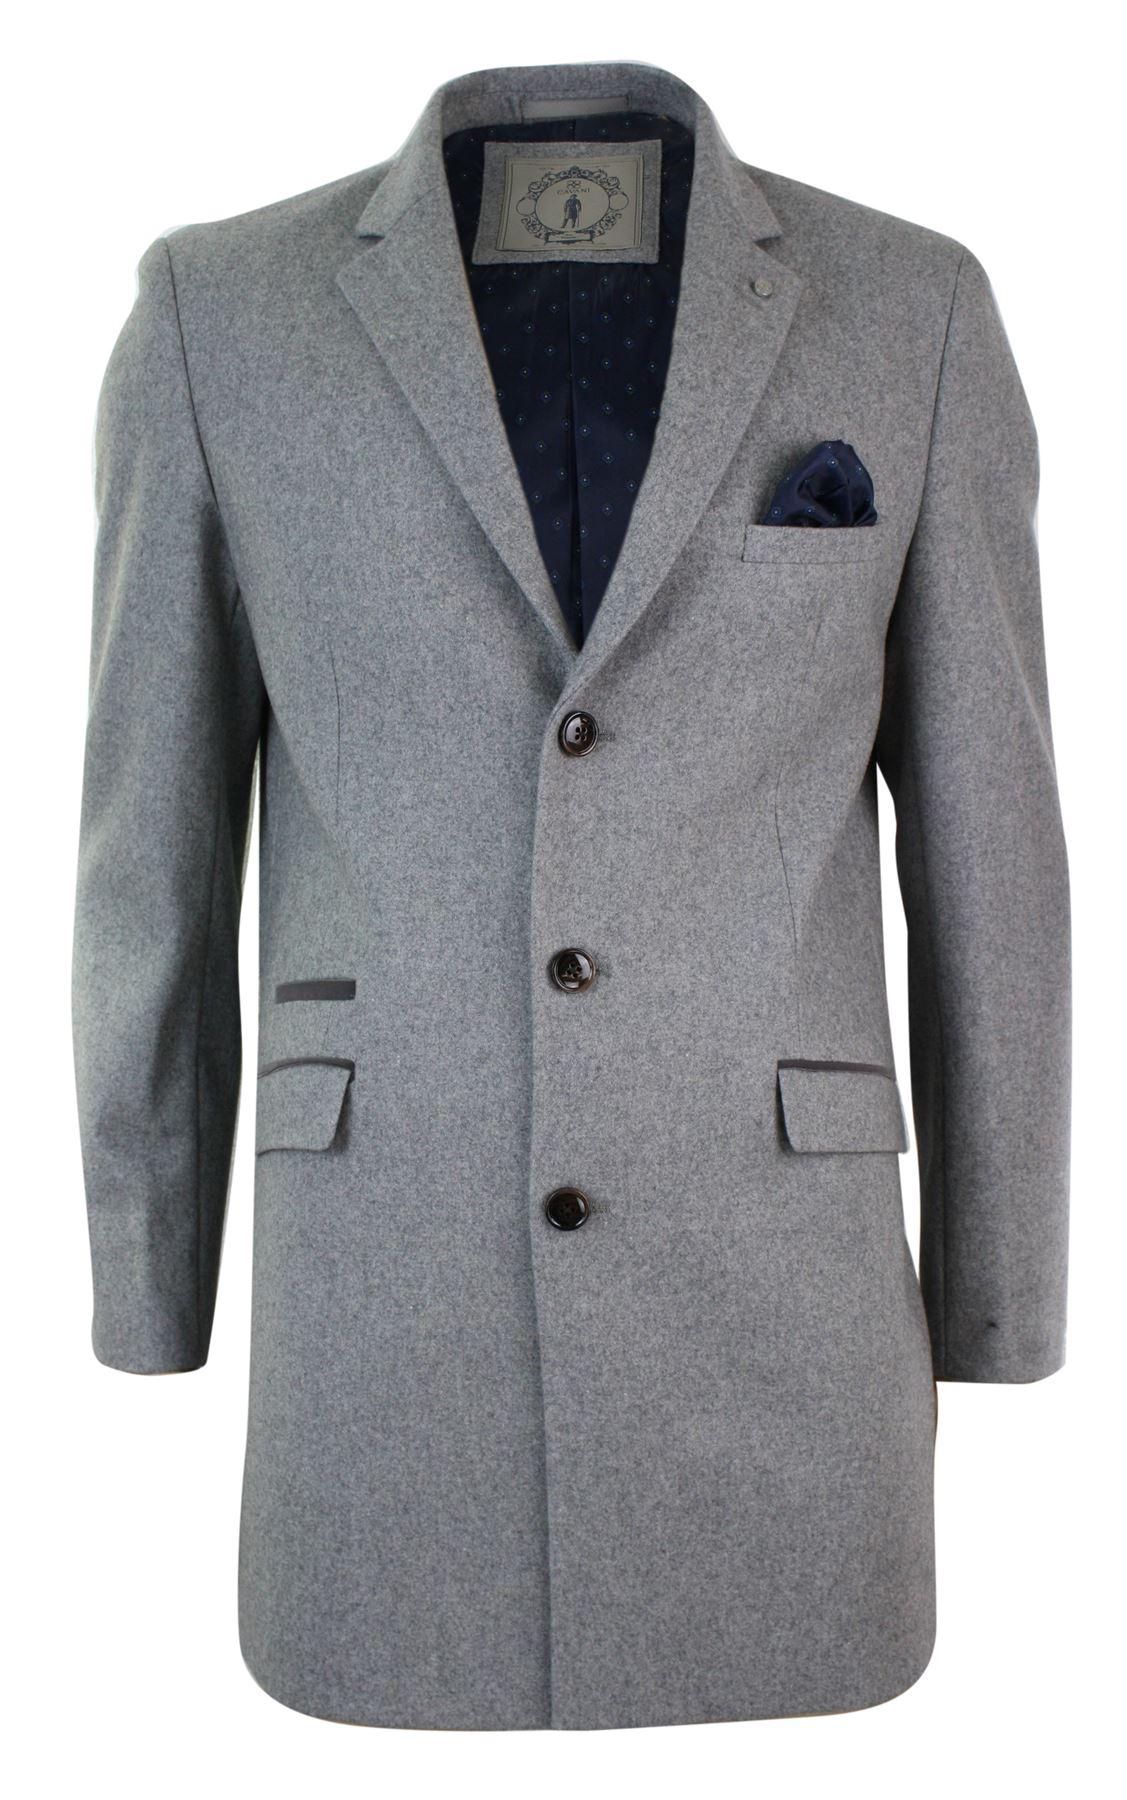 manteau 3 4 homme gris clair laine m lang e tweed feutre. Black Bedroom Furniture Sets. Home Design Ideas